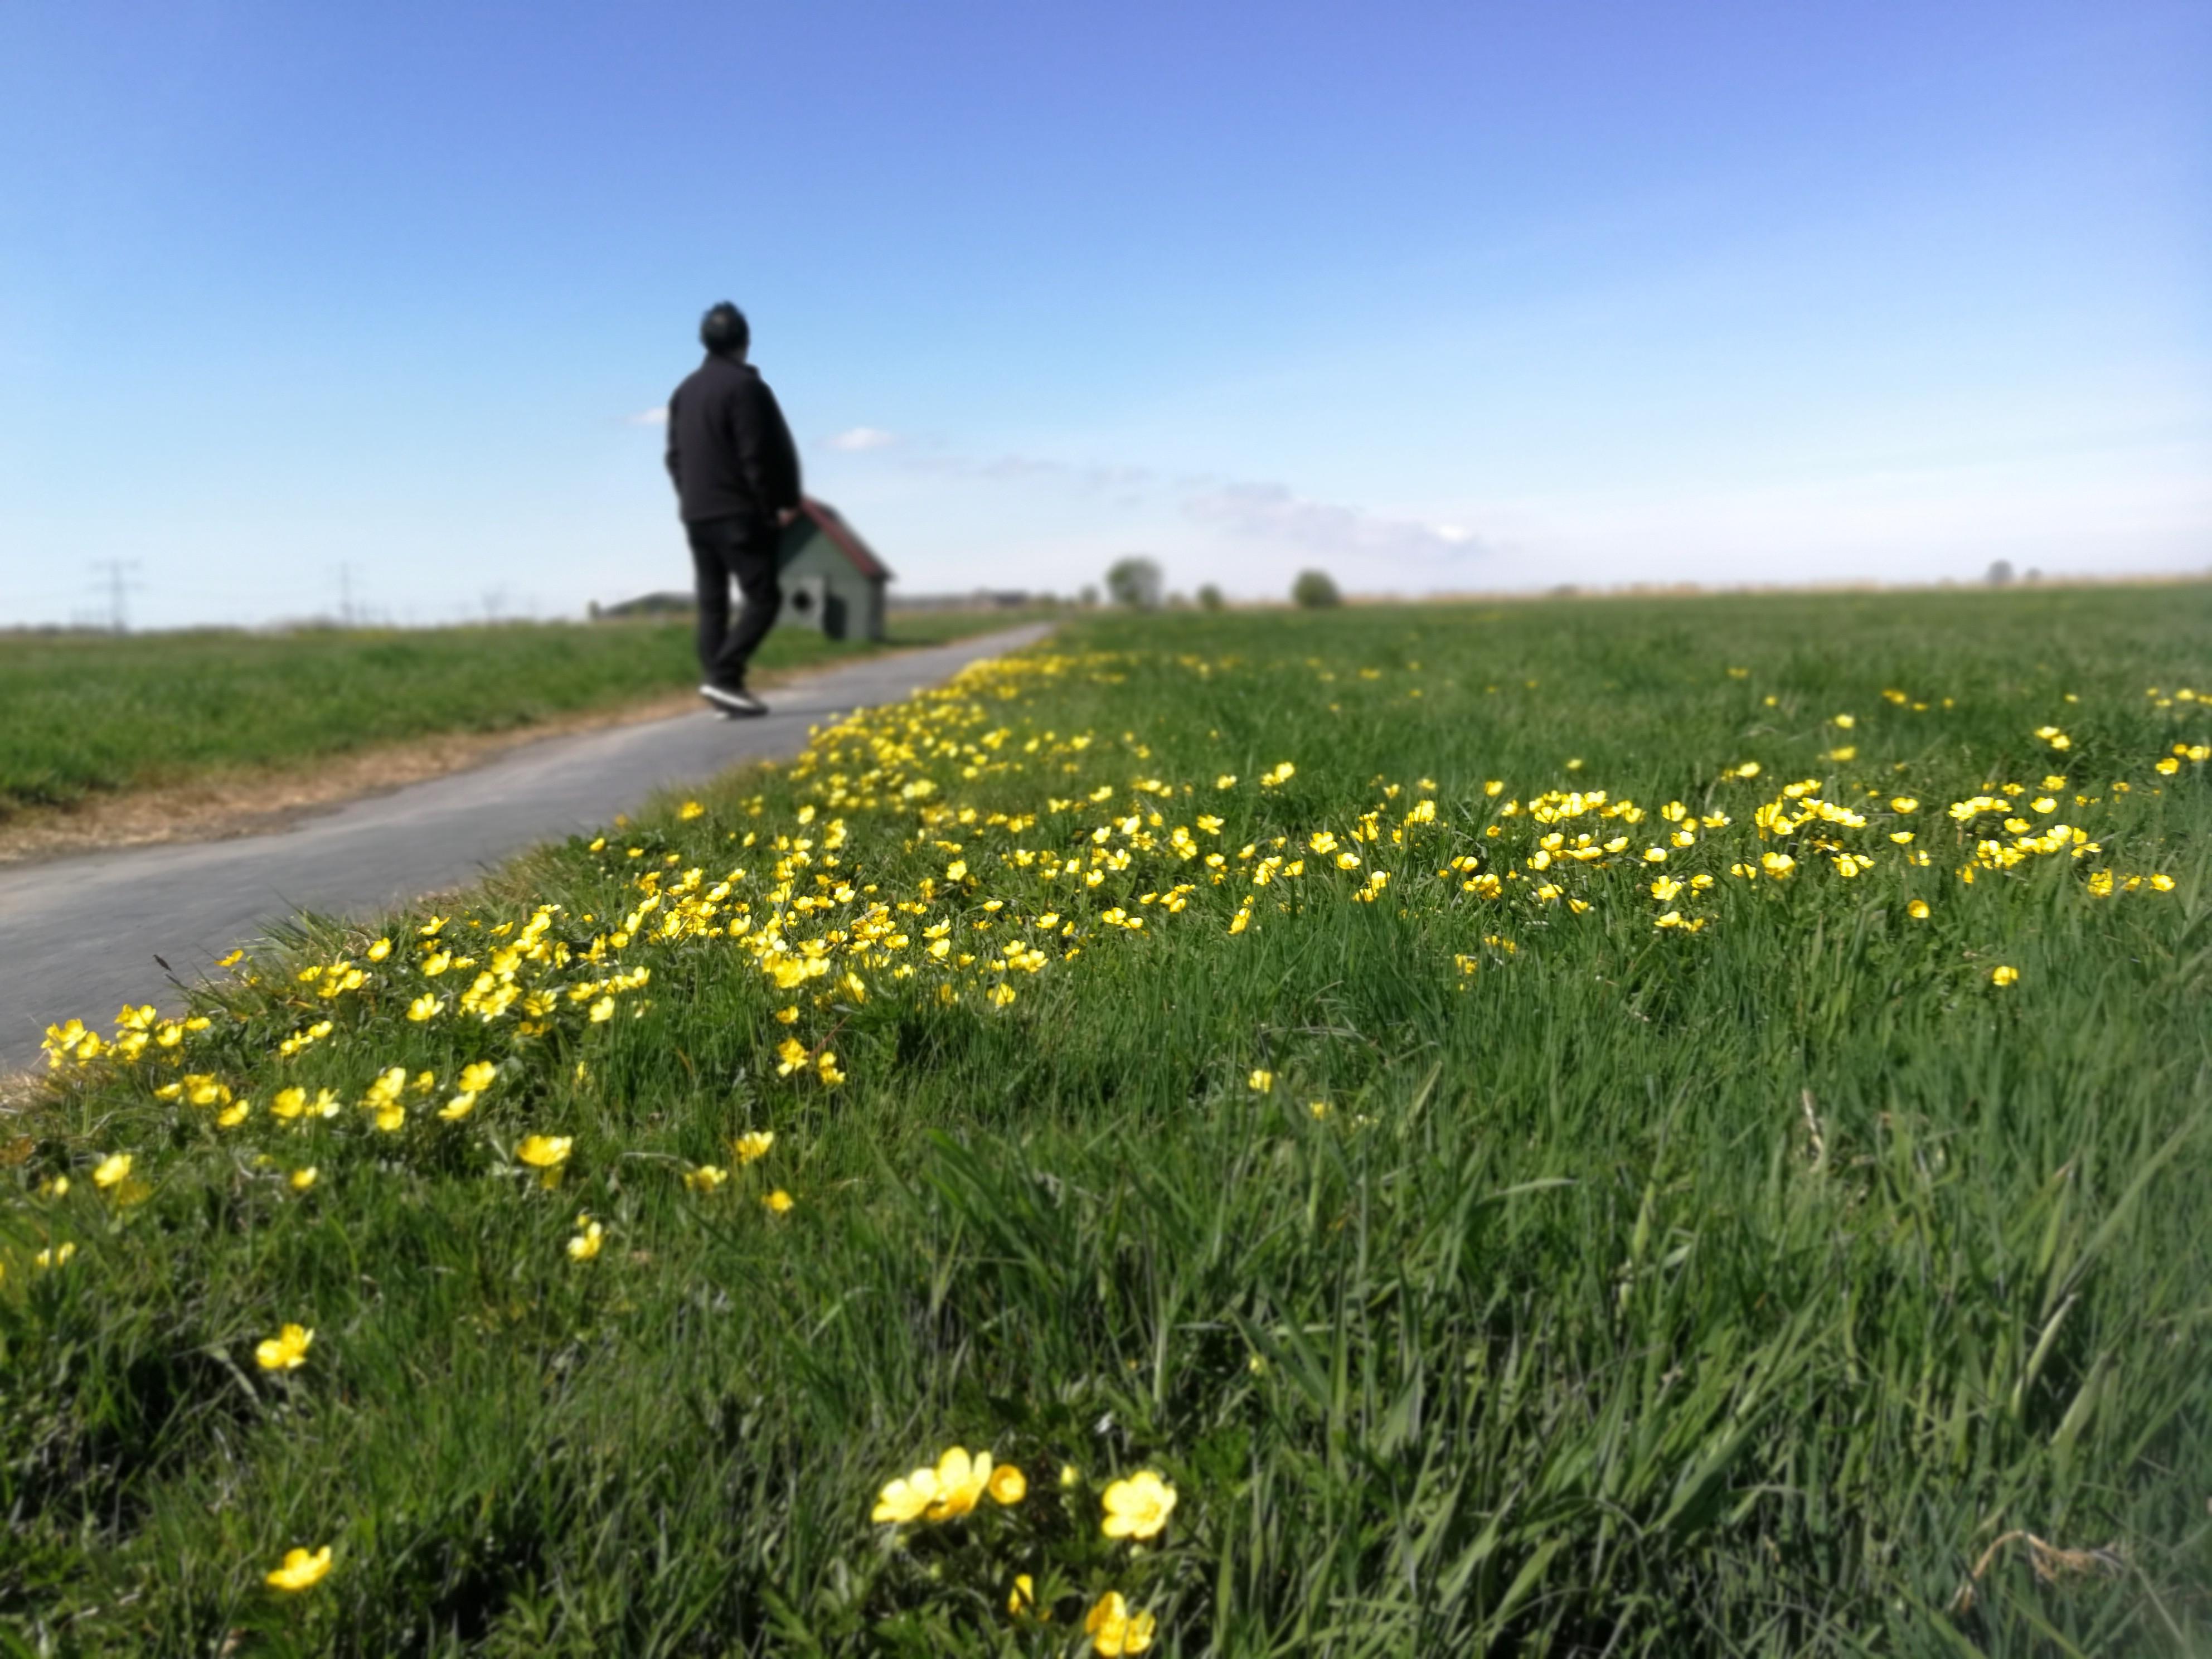 Running / walking meditation in nature